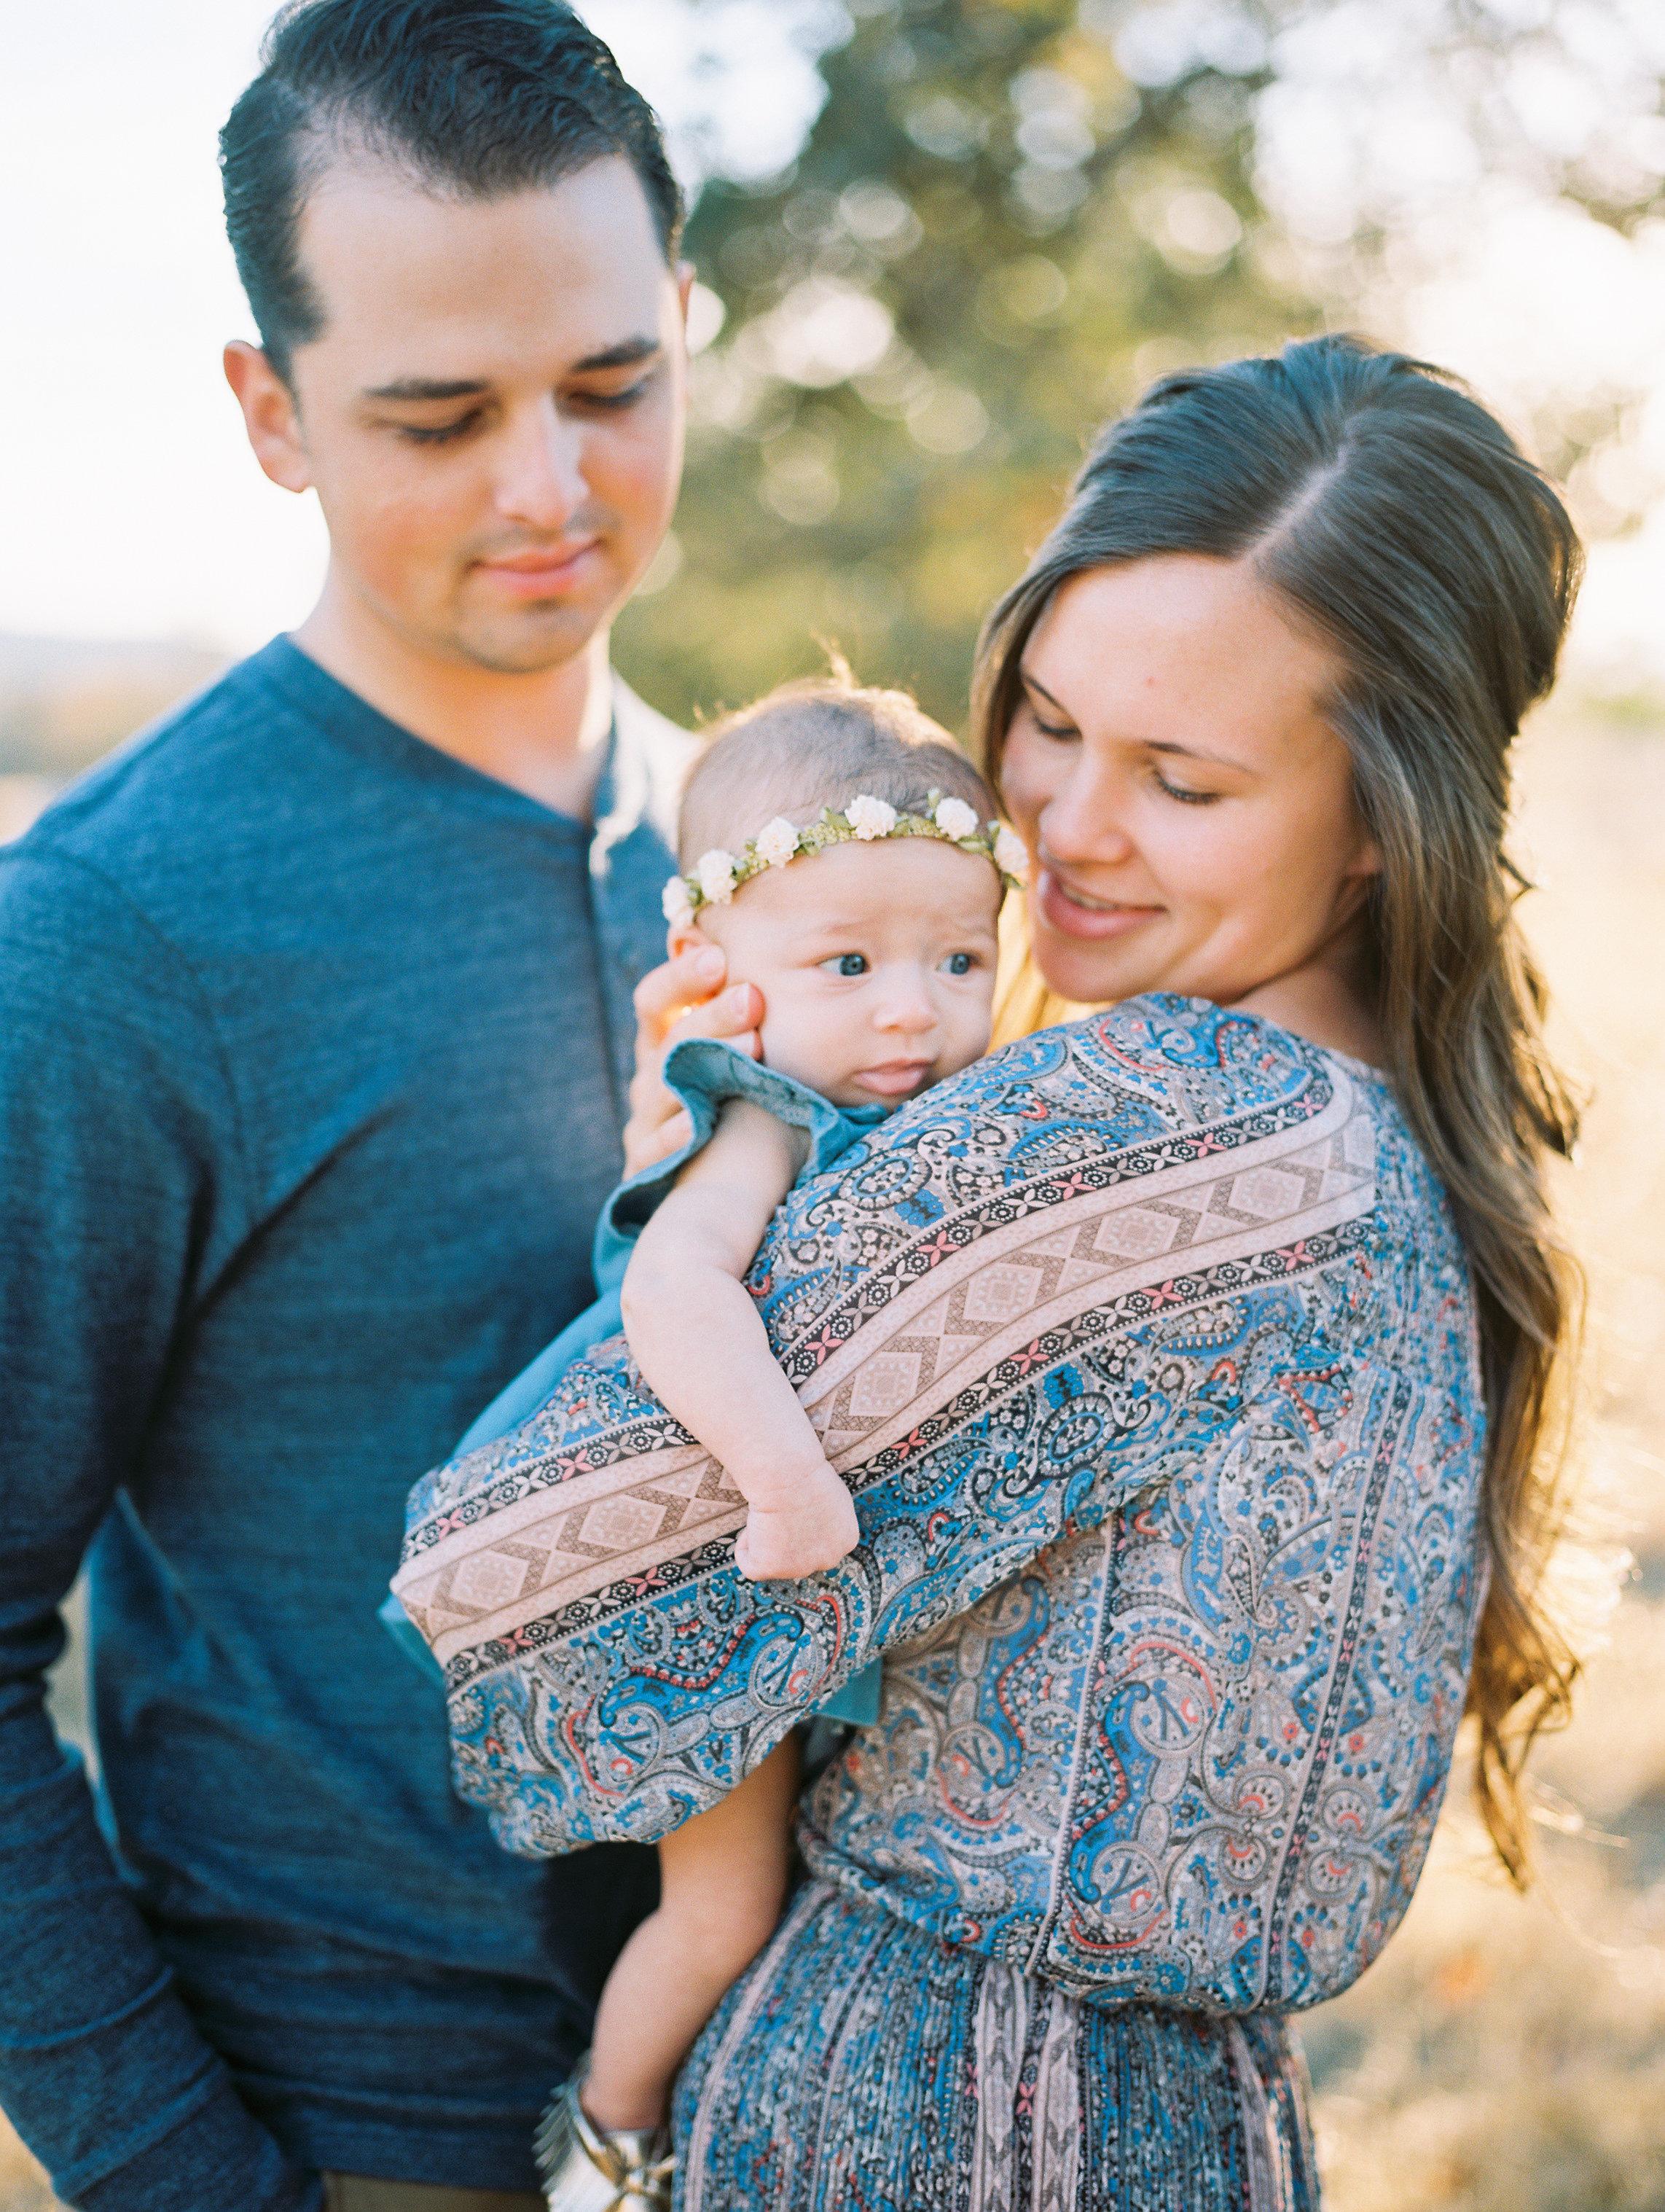 bakerfamily-41.jpg